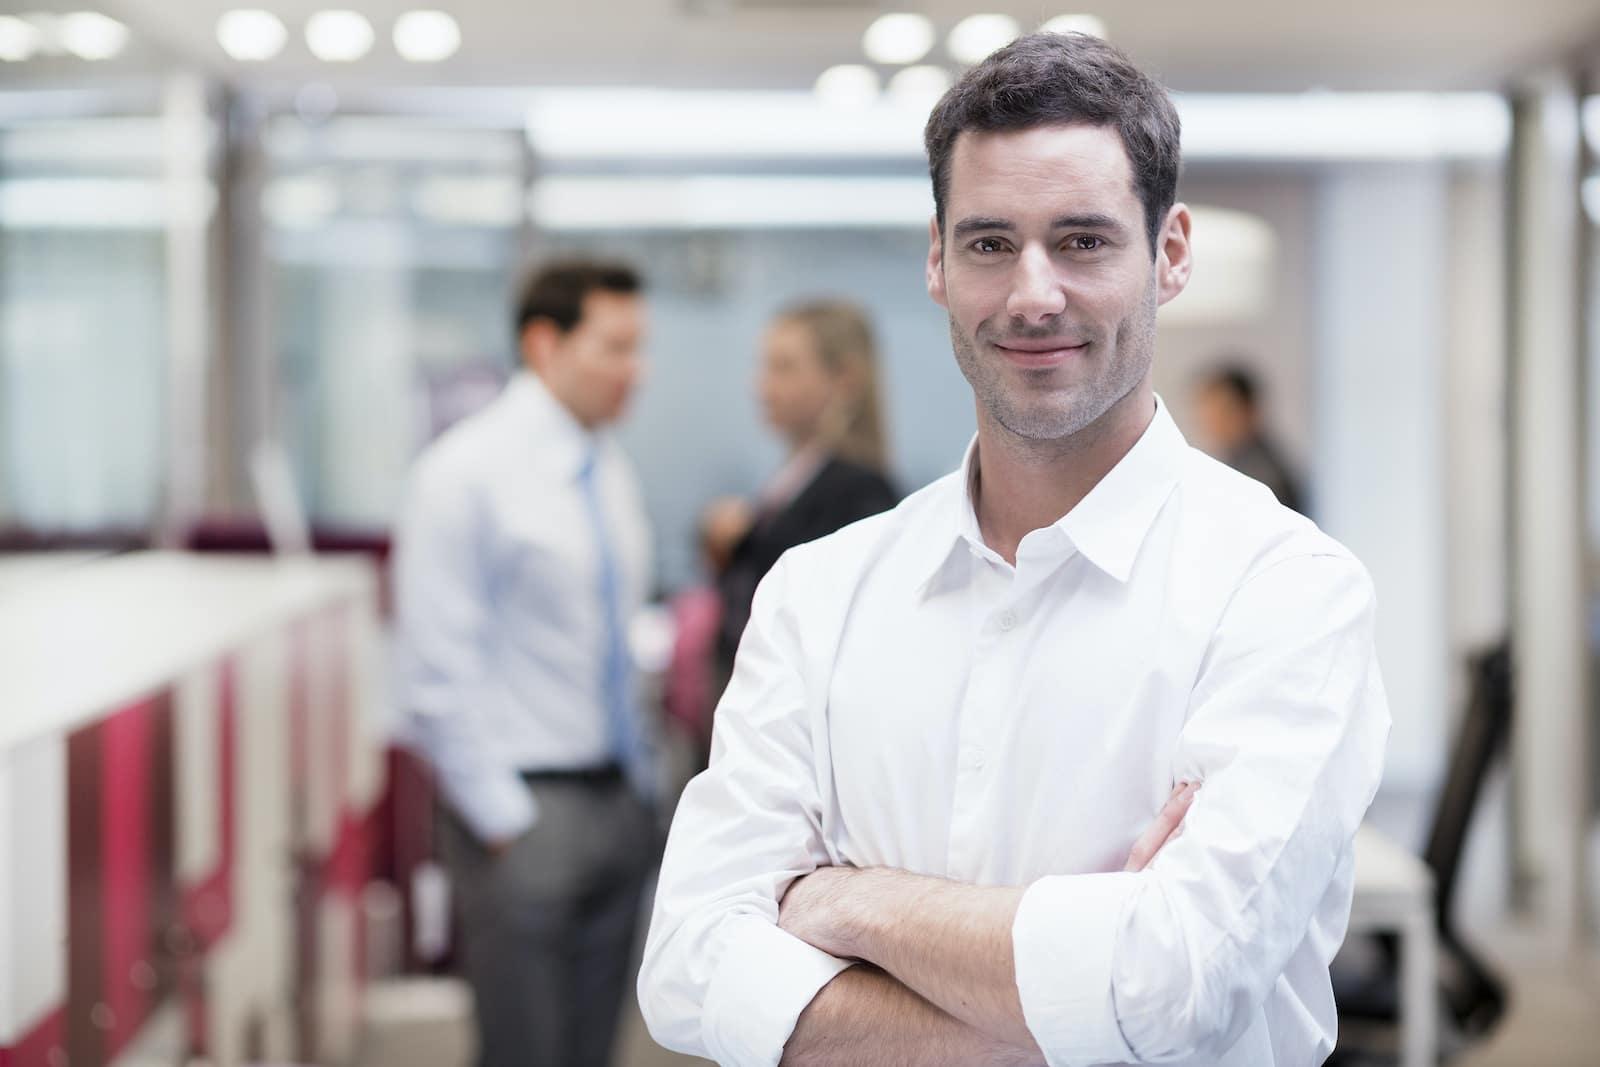 Nasıl etkili bir finansçı olabilirsiniz?